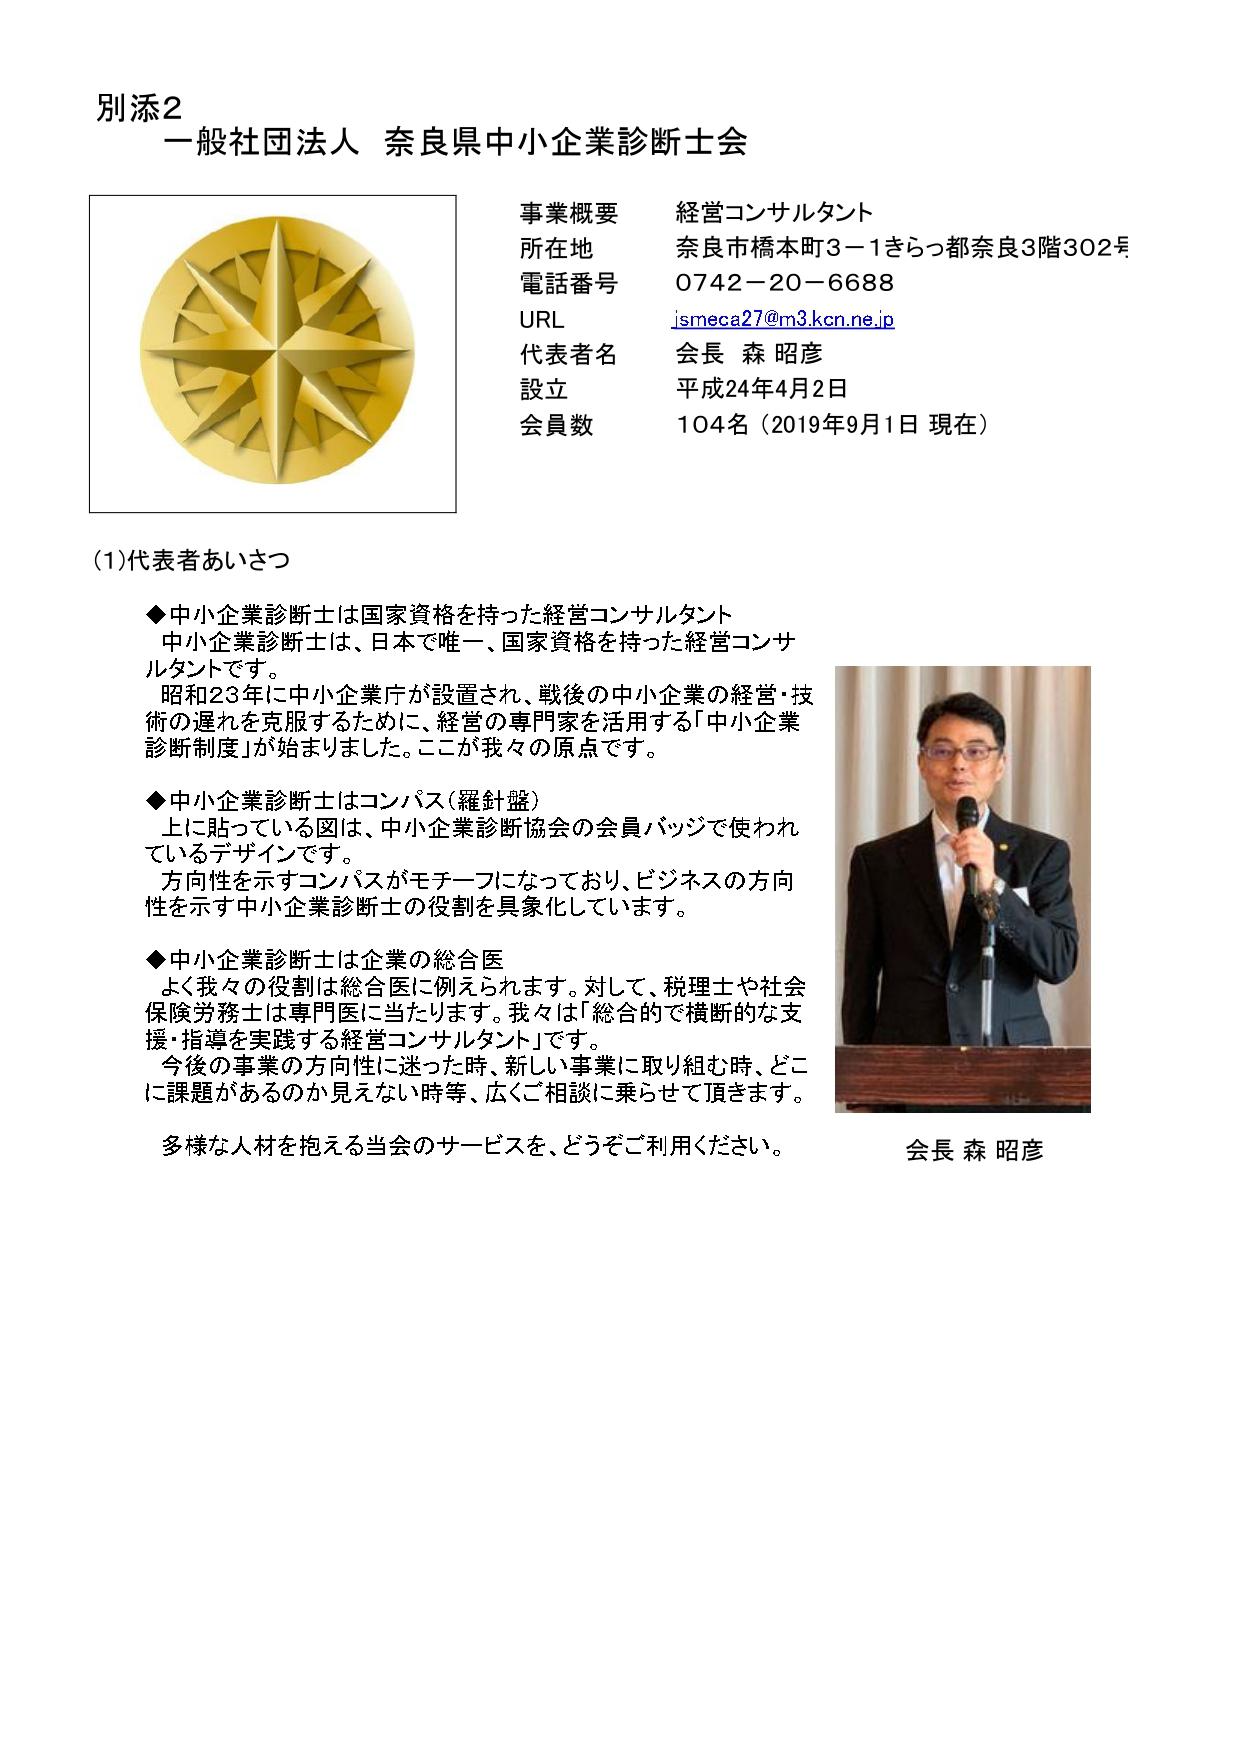 別添2(奈良県中小企業診断士会)_page-0001.jpg